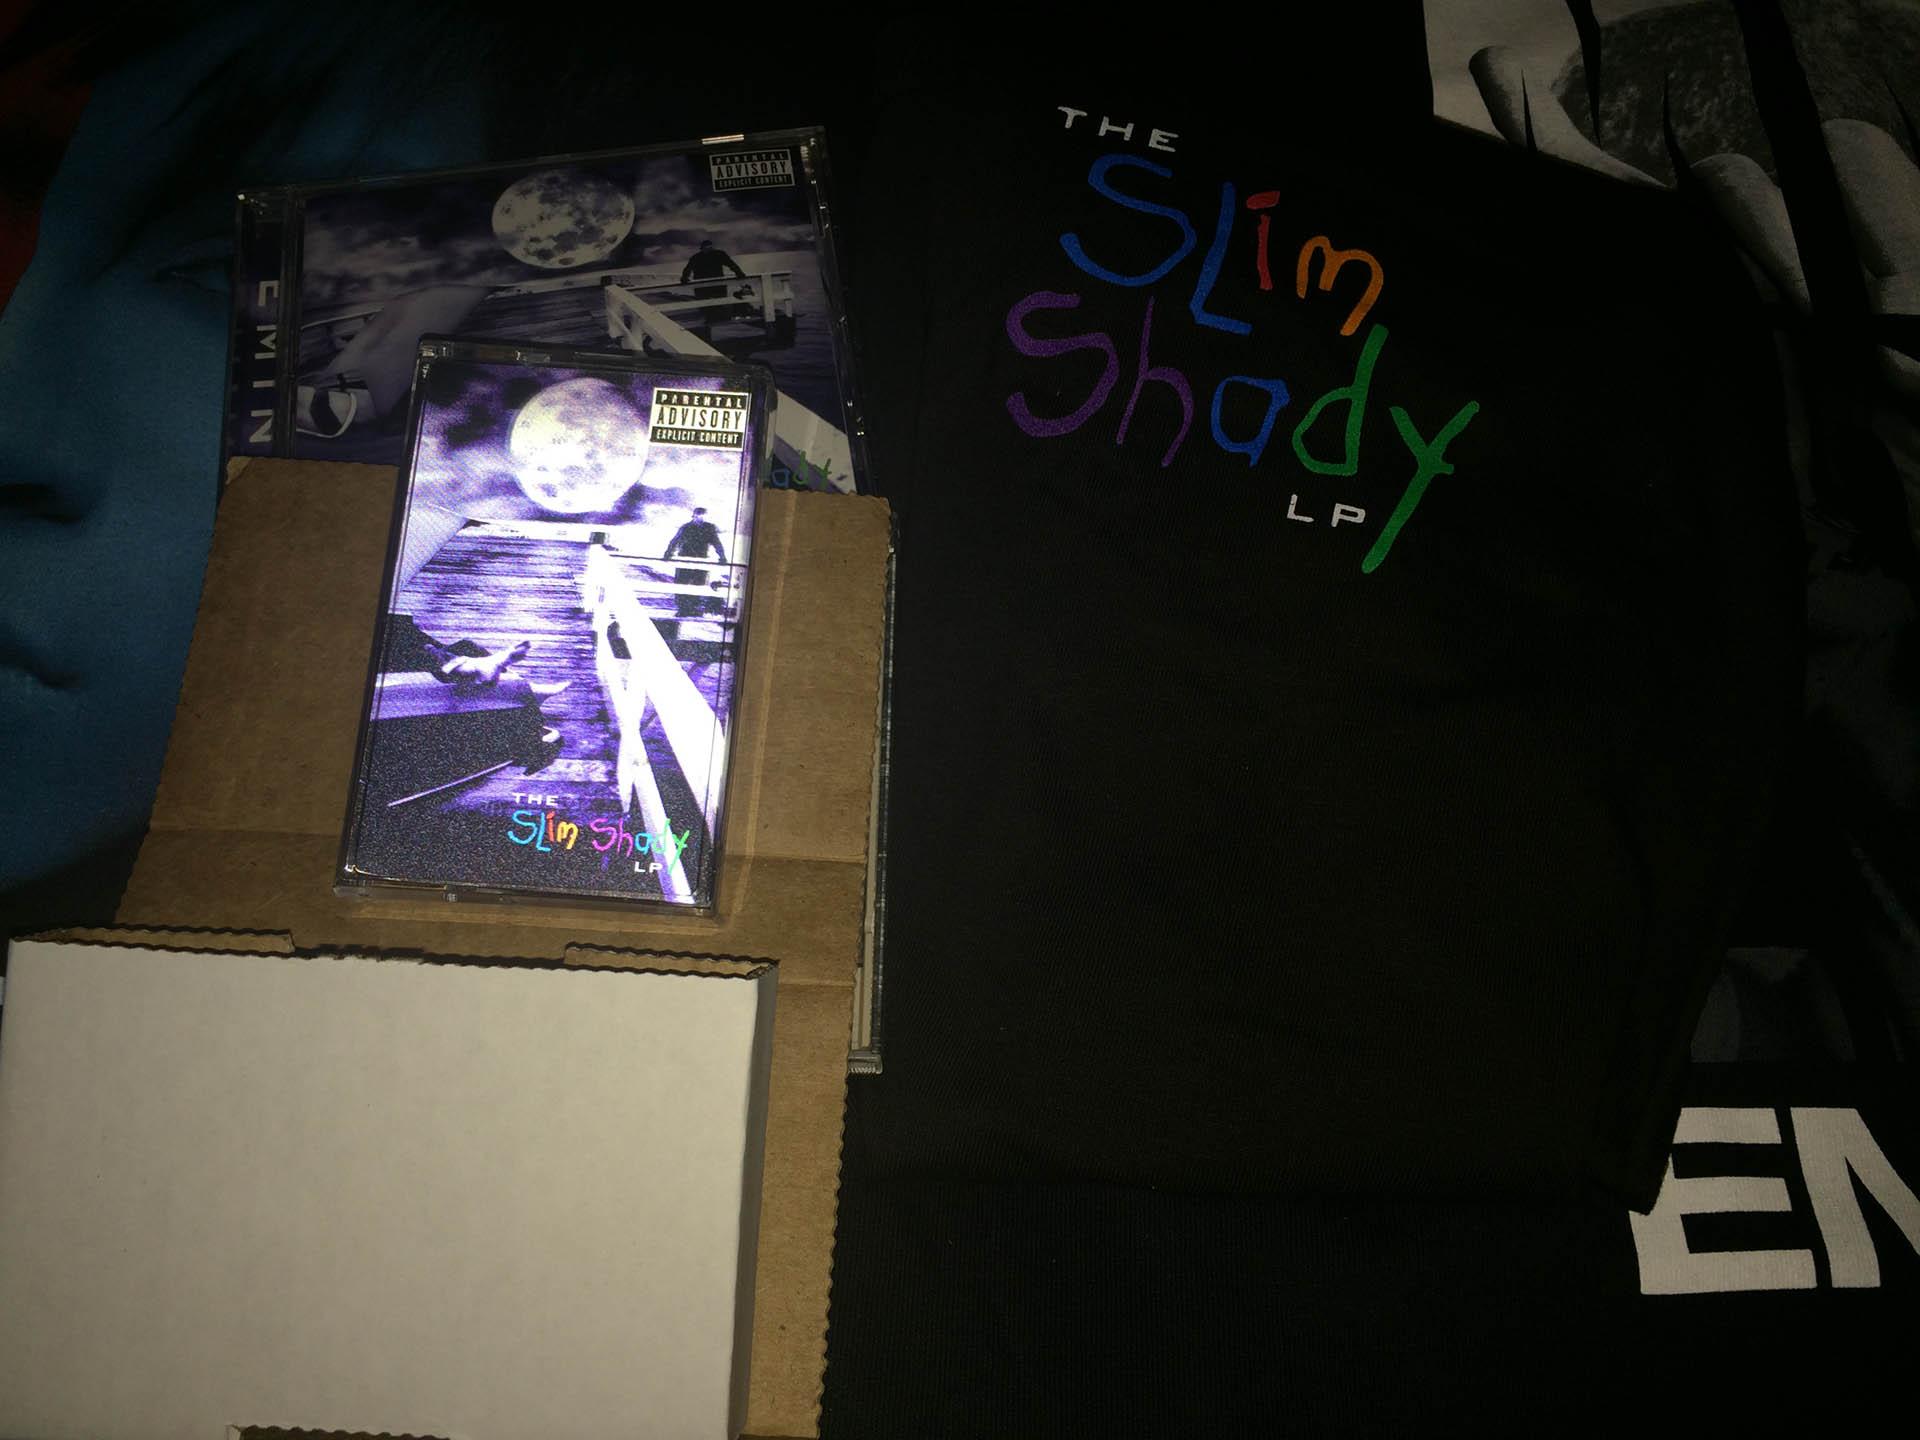 Переиздание альбома «The Slim Shady LP» на кассетах с автографом Эминема